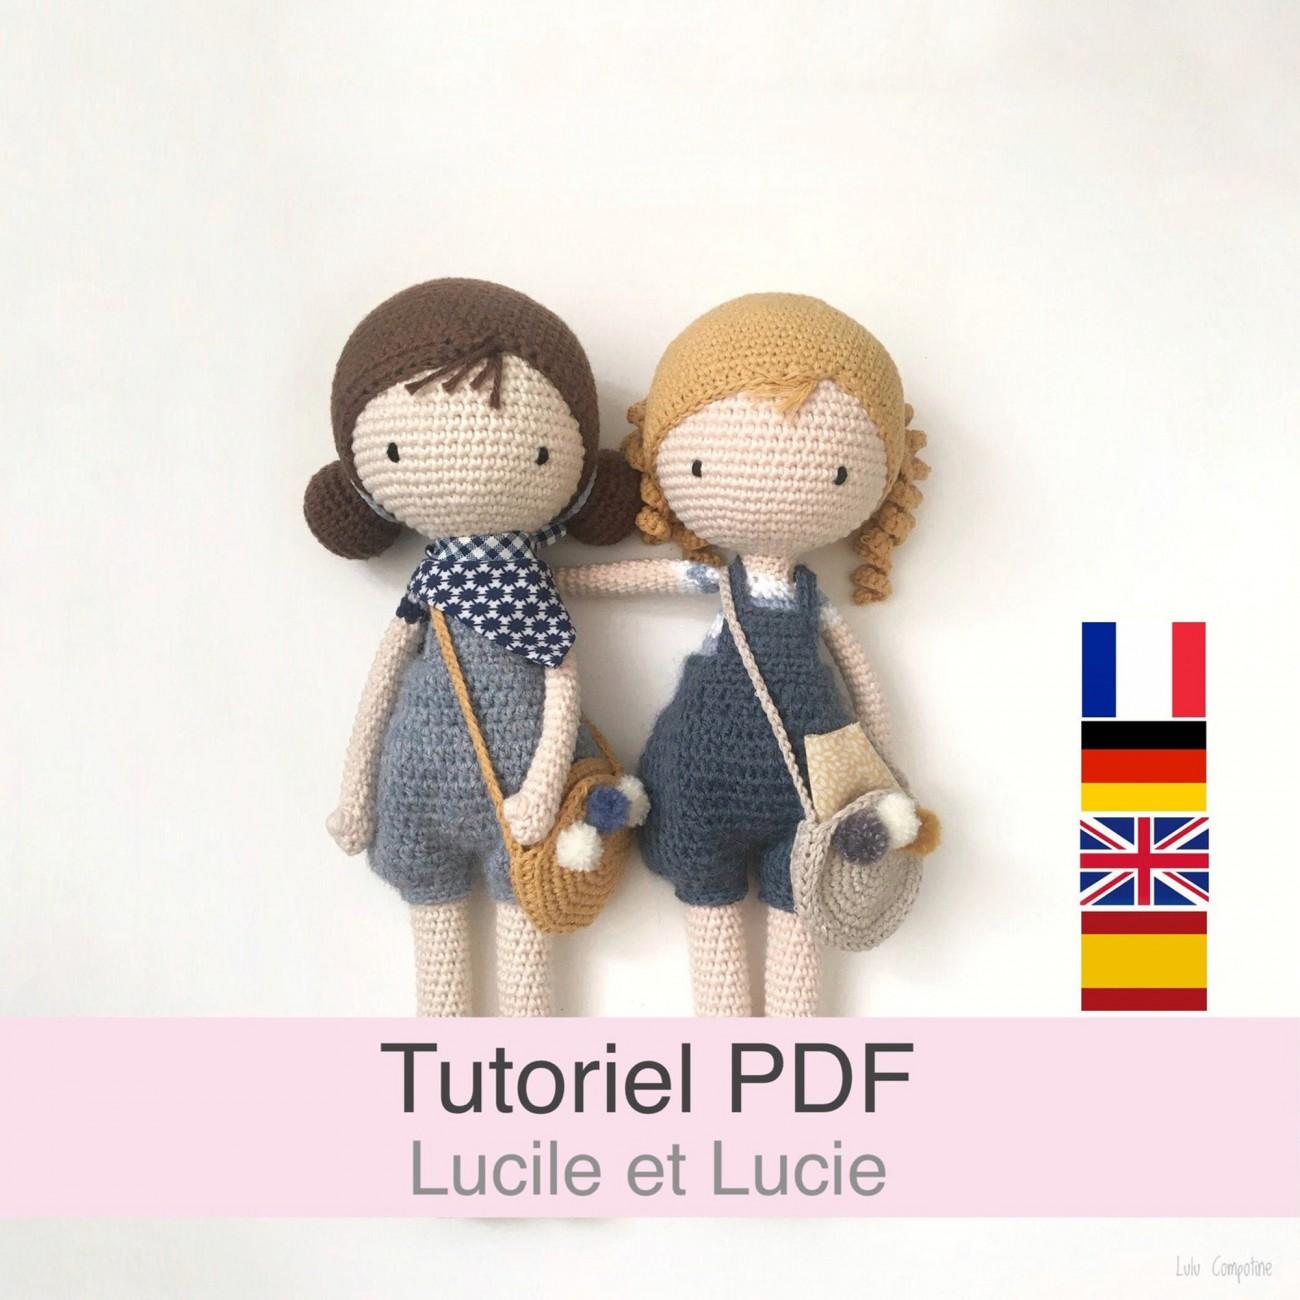 Tutoriel PDF Poupées Lucile et Lucie